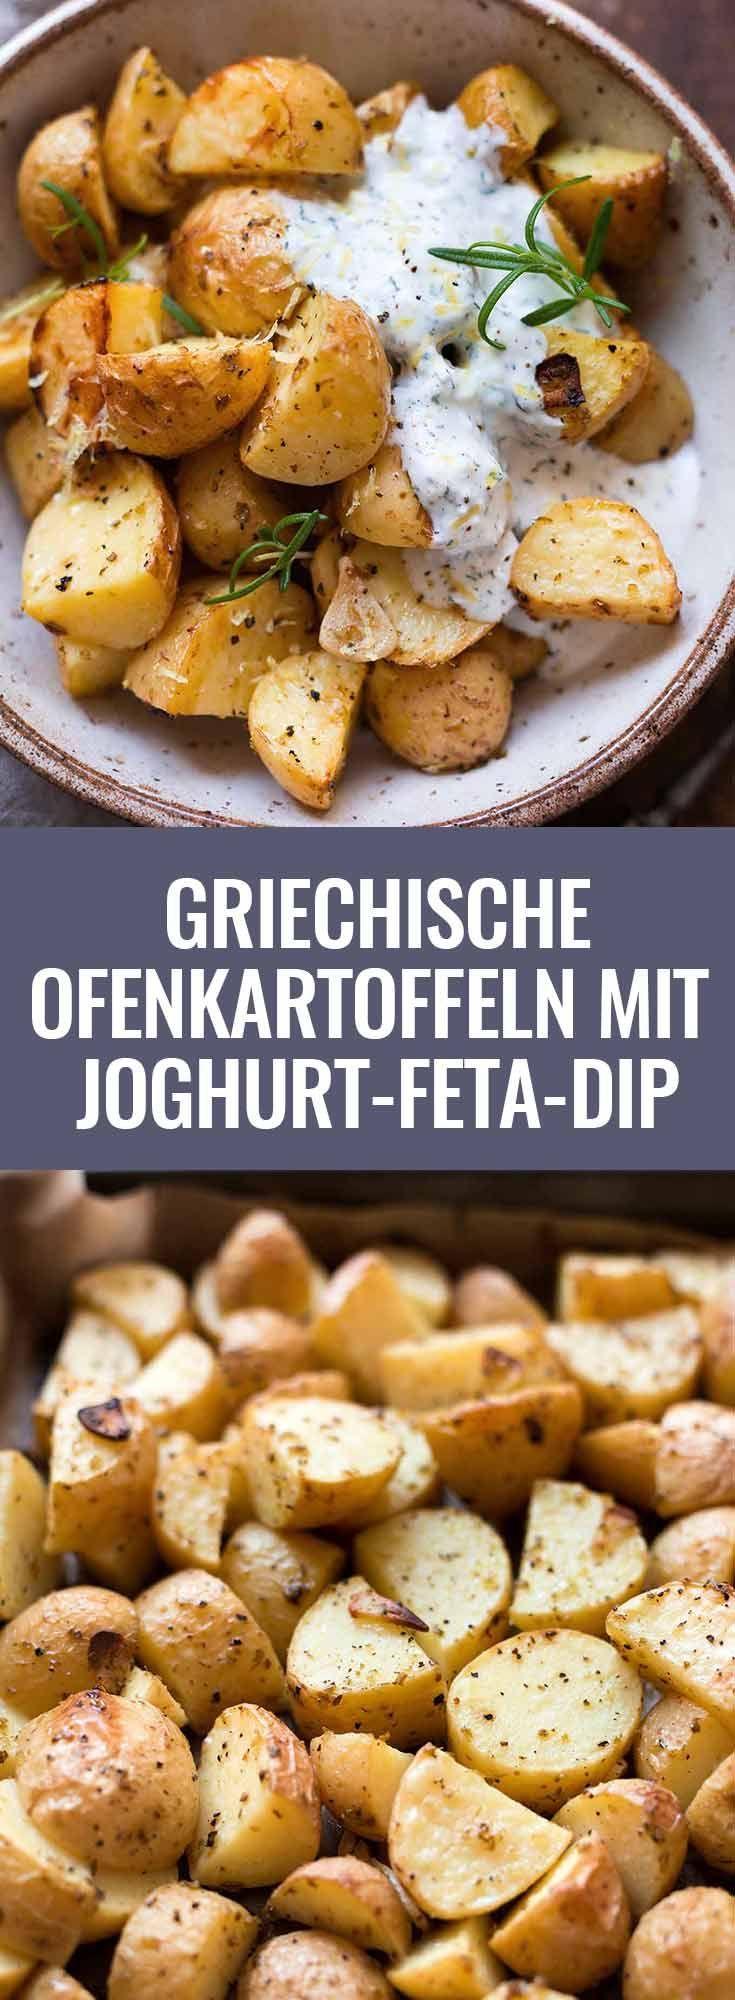 Griechische Ofenkartoffeln mit Joghurt-Feta-Dip - Kochkarussell